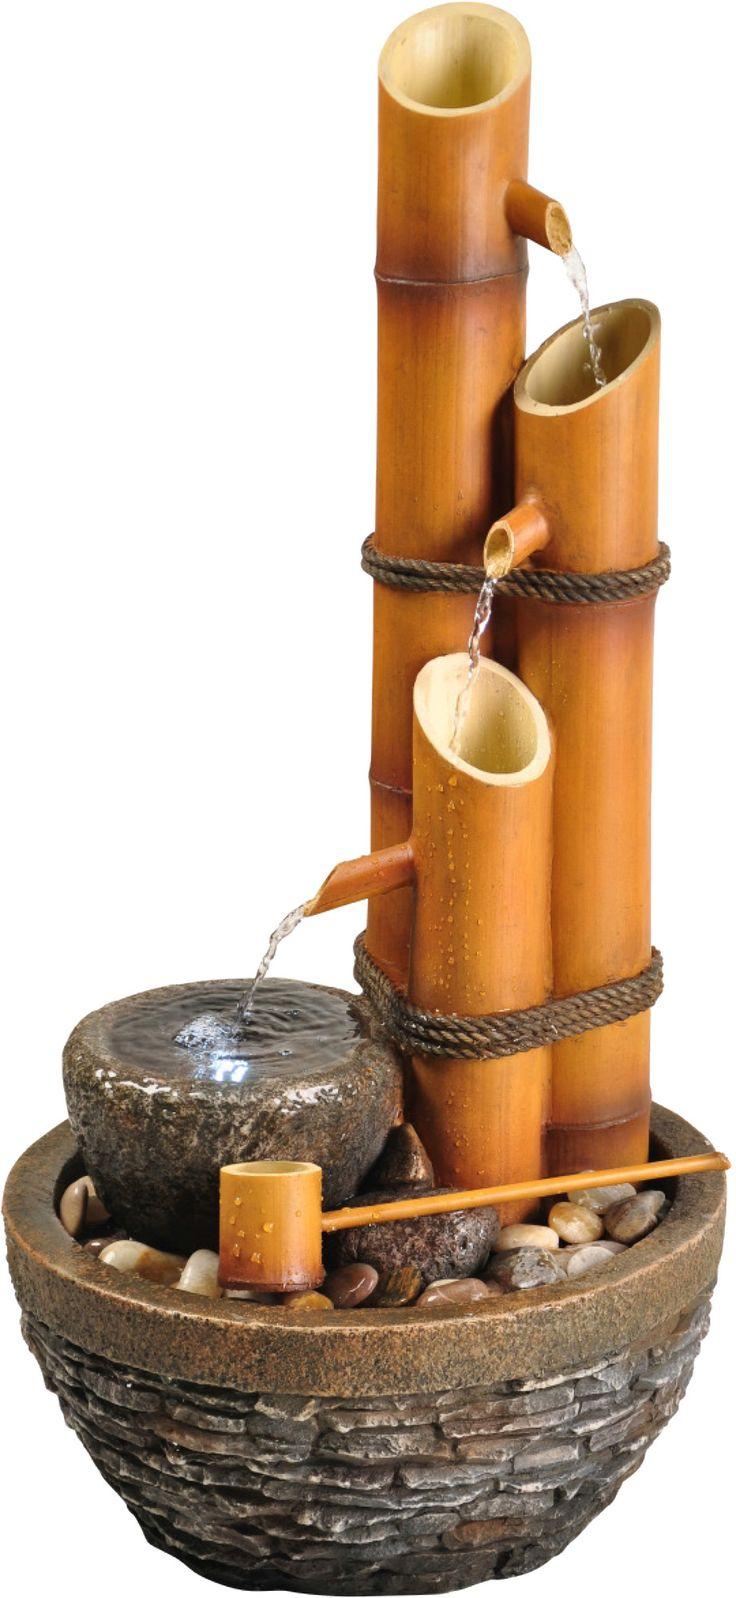 Fonte de bambu para ambientes internos. Encantador! :D #mundozen #zen #fonte #bambu #agua